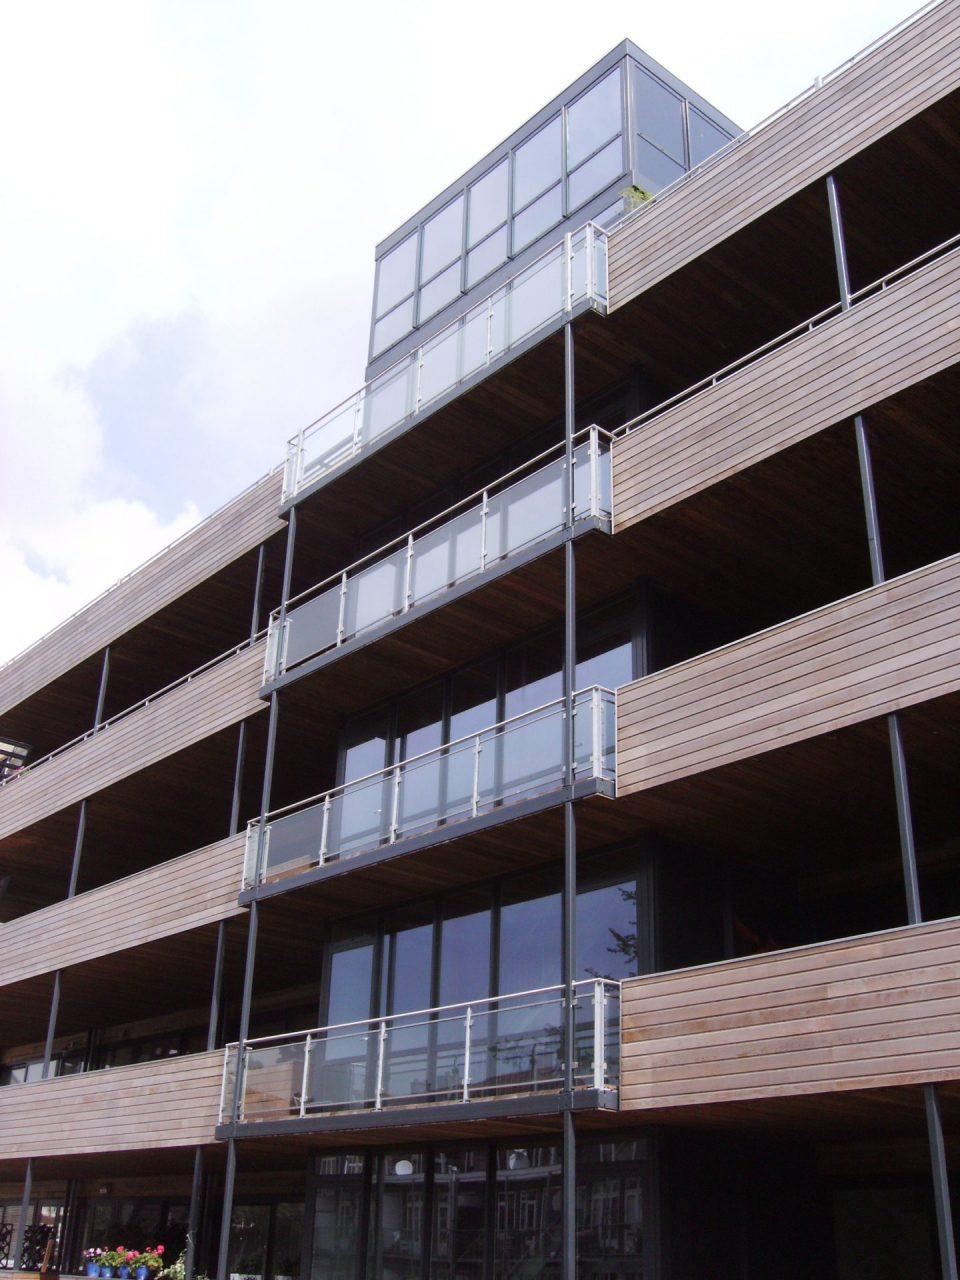 Sloterstyn nieuwbouw vernieuwbouwproject